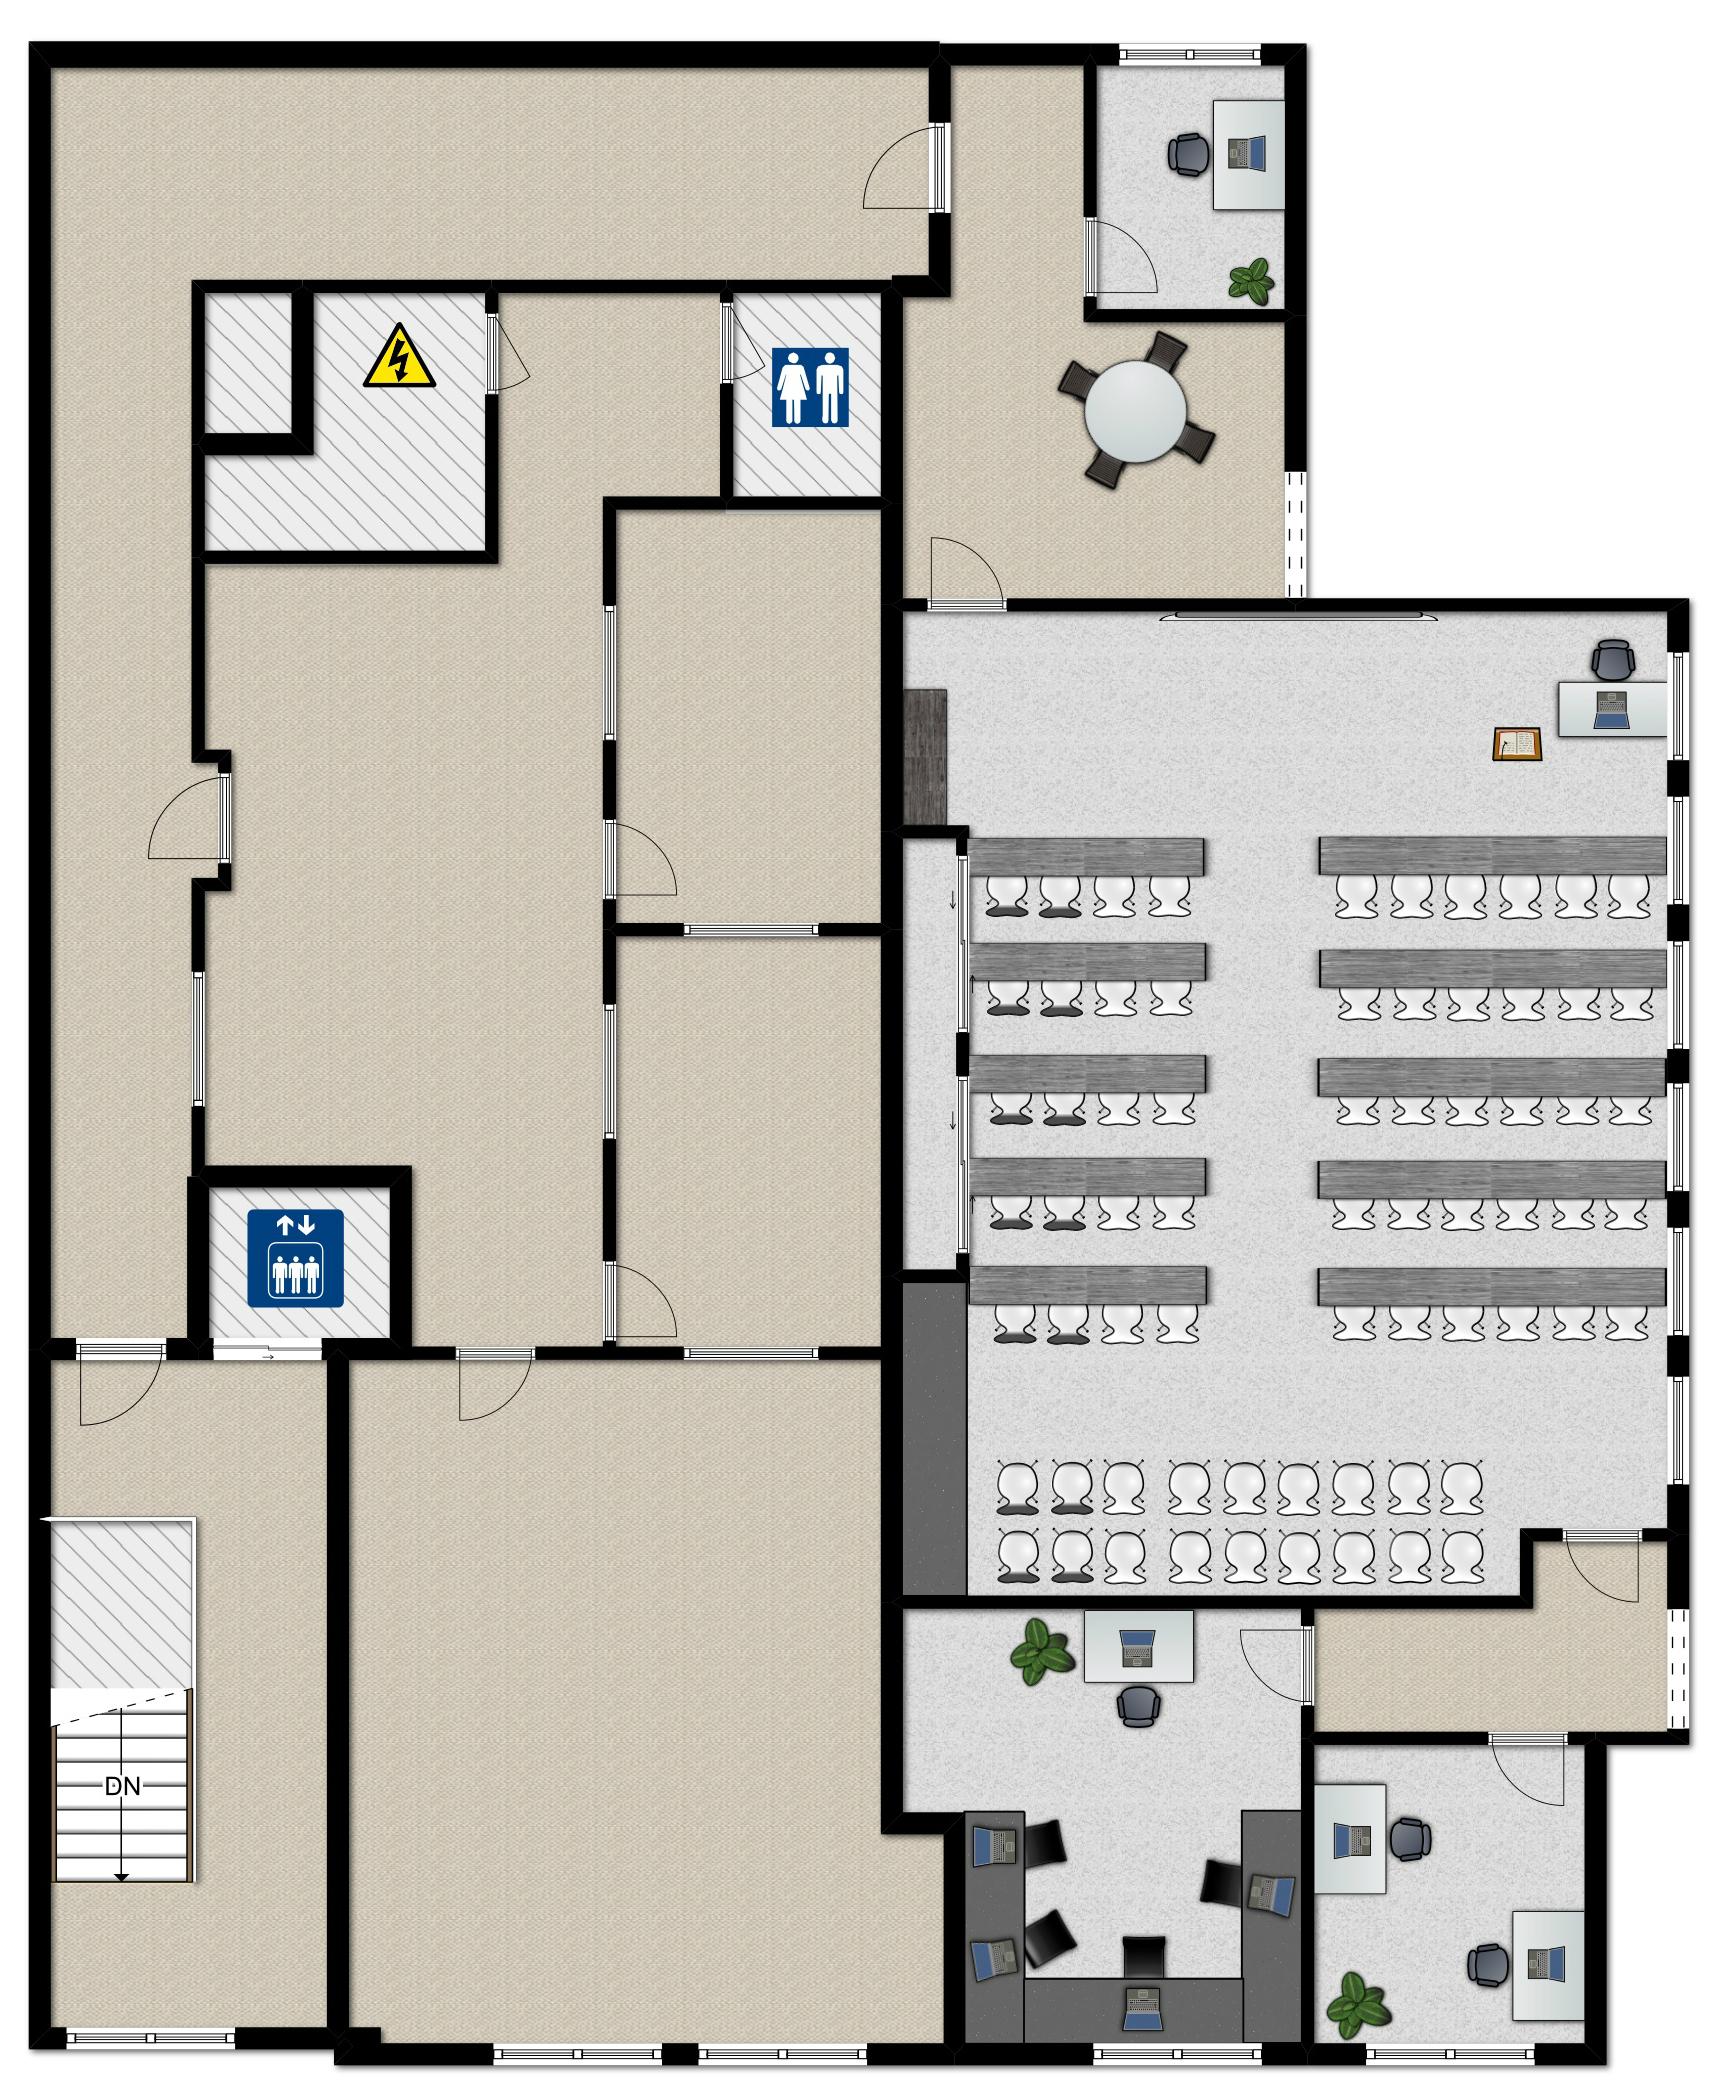 kwpr-furn-layout.jpg